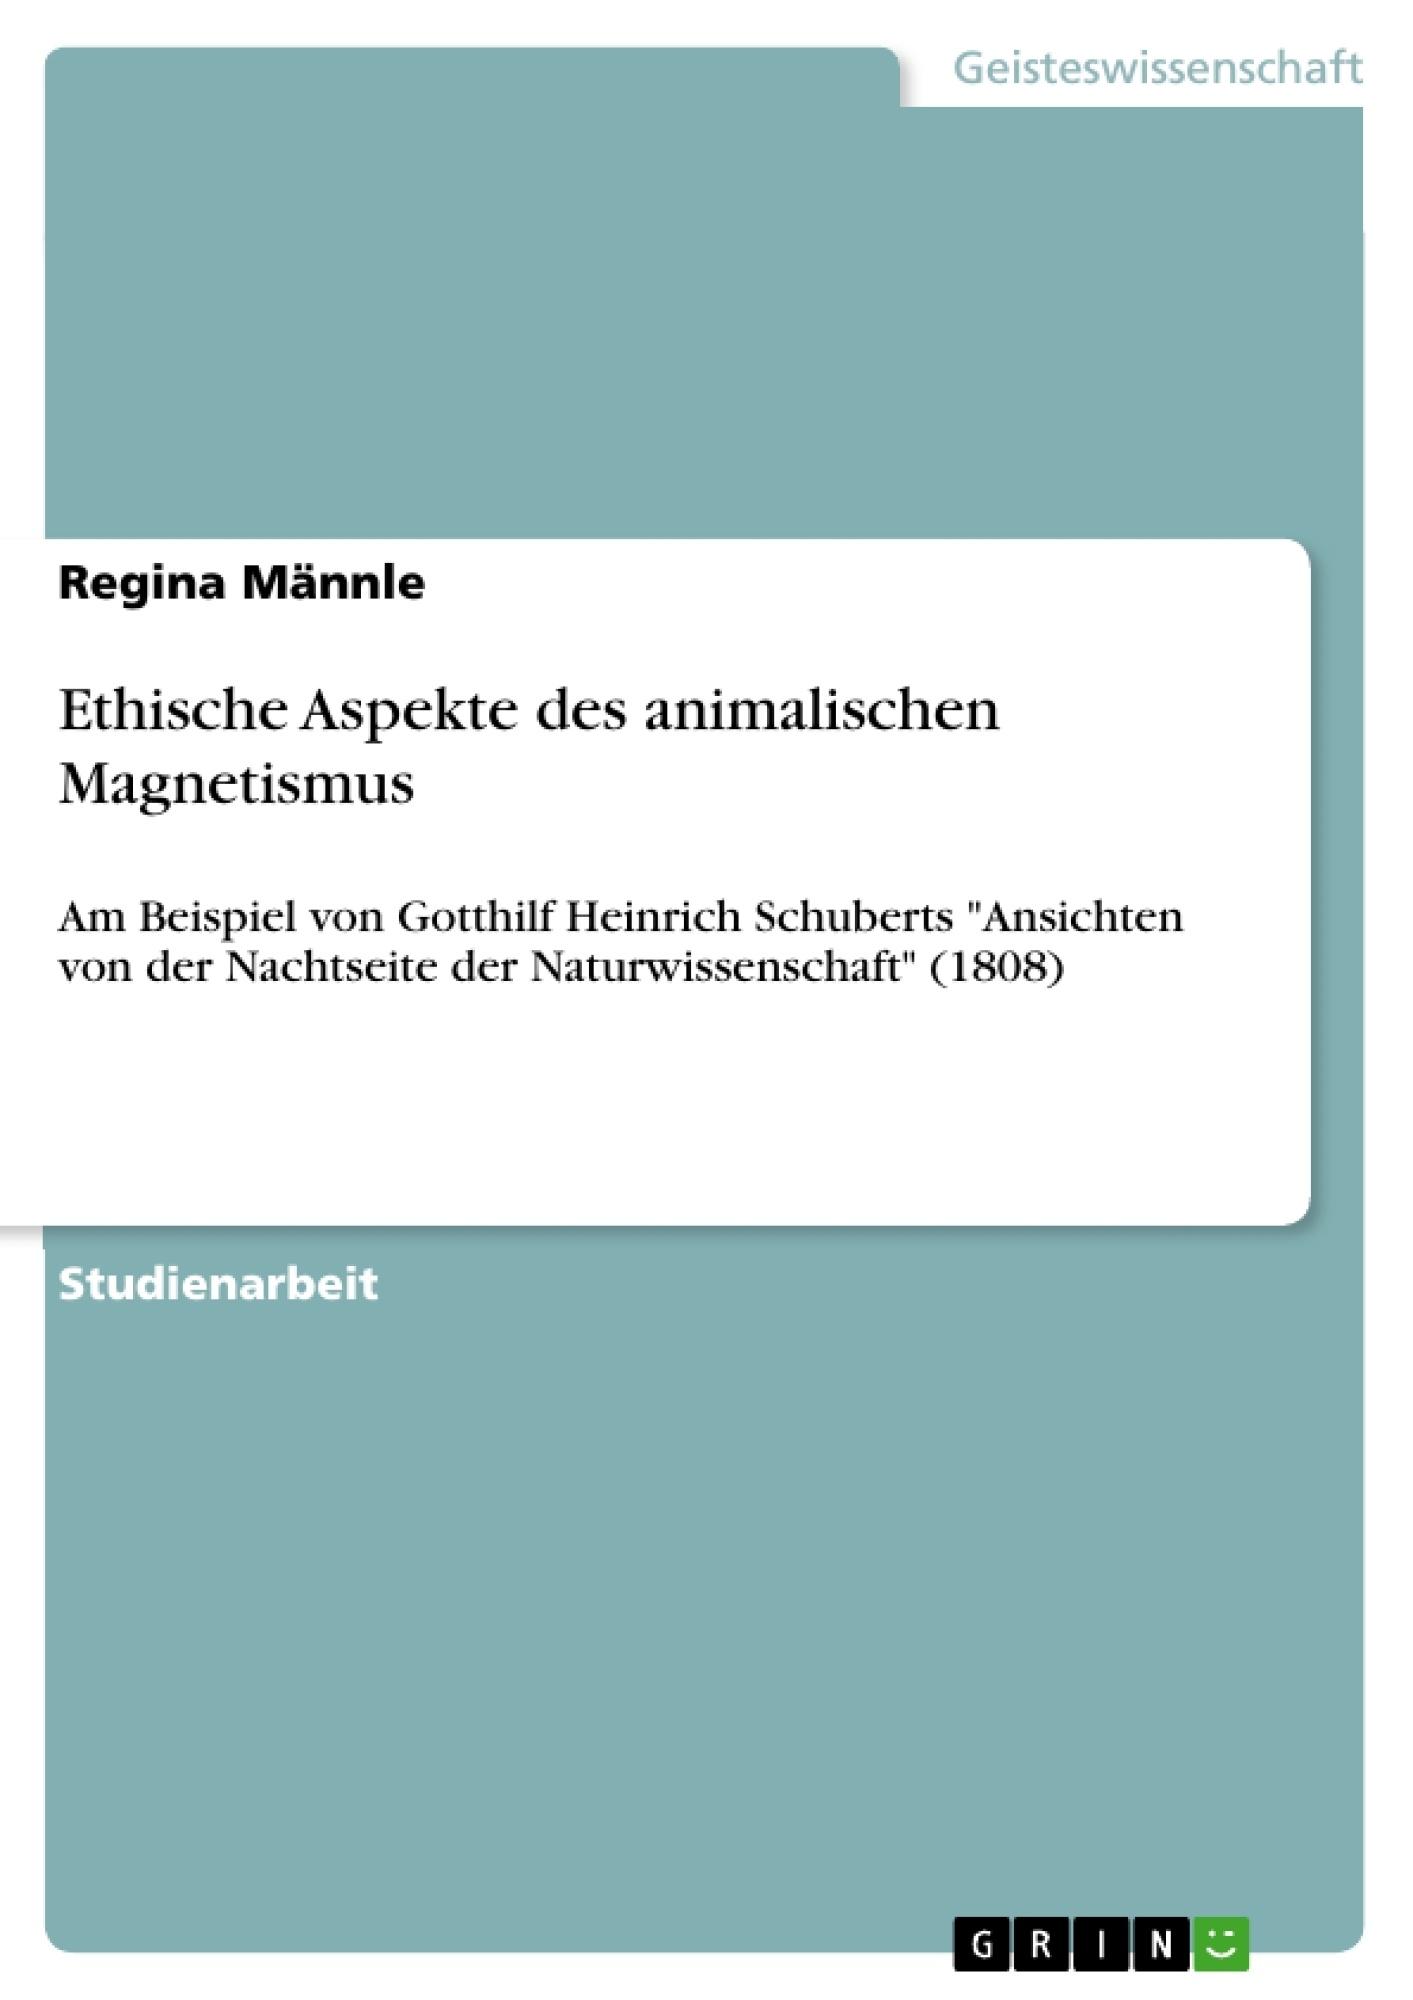 Titel: Ethische Aspekte des animalischen Magnetismus